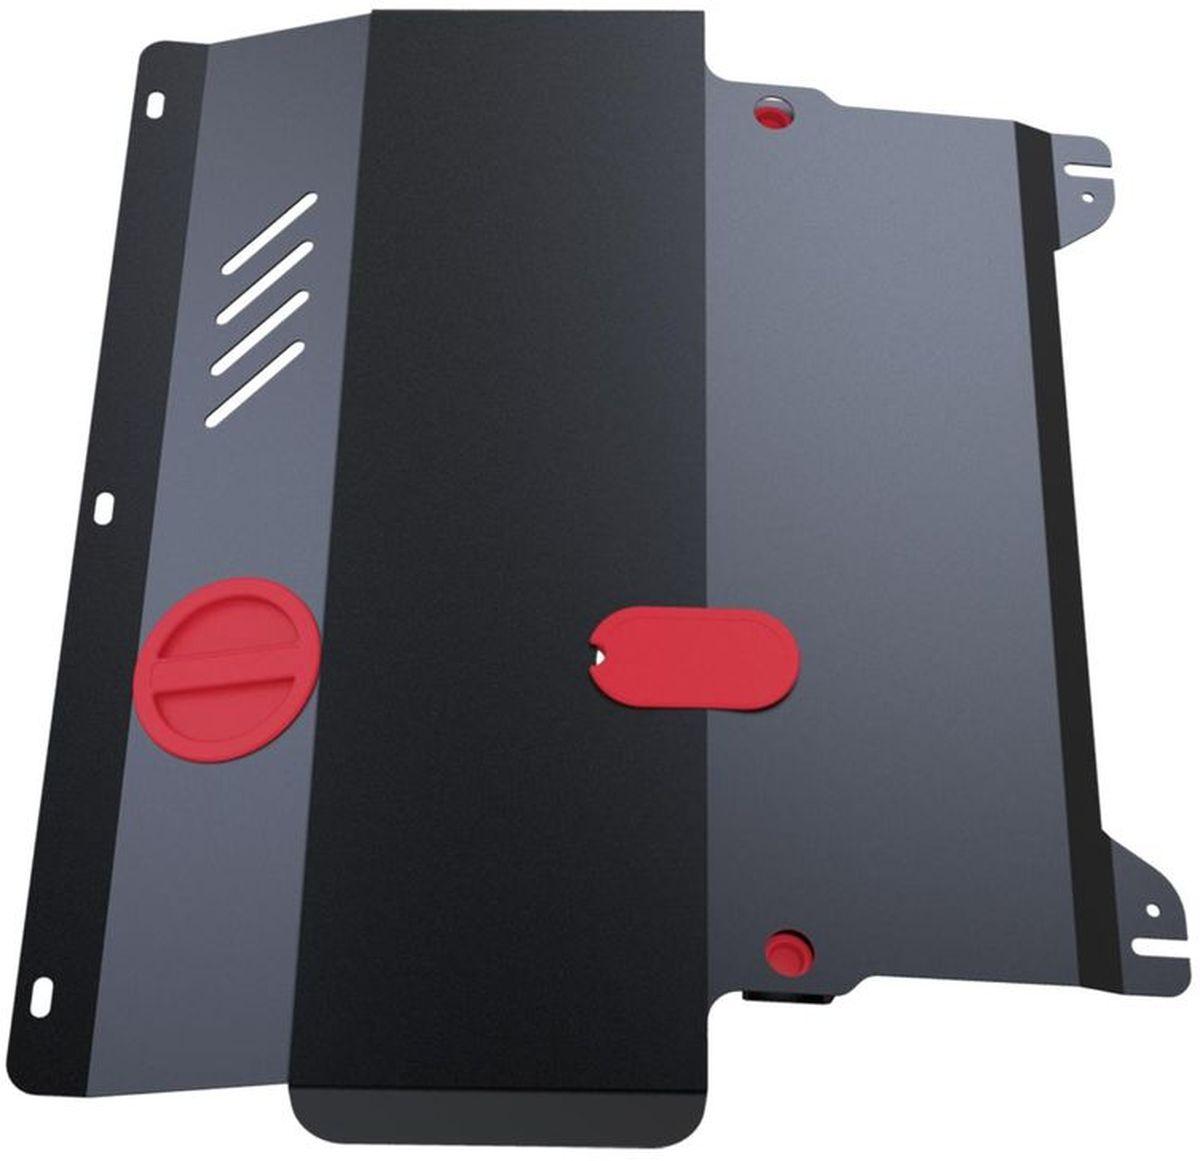 Защита картера и КПП Автоброня, для Toyota Avensis 2009, V - 1,8; 2,0 / Toyota Verso, V - 1,6; 1,81004900000360Технологически совершенный продукт за невысокую стоимость.Защита разработана с учетом особенностей днища автомобиля, что позволяет сохранить дорожный просвет с минимальным изменением.Защита устанавливается в штатные места кузова автомобиля. Глубокий штамп обеспечивает до двух раз больше жесткости в сравнении с обычной защитой той же толщины. Проштампованные ребра жесткости препятствуют деформации защиты при ударах.Тепловой зазор и вентиляционные отверстия обеспечивают сохранение температурного режима двигателя в норме. Скрытый крепеж предотвращает срыв крепежных элементов при наезде на препятствие.Шумопоглощающие резиновые элементы обеспечивают комфортную езду без вибраций и скрежета металла, а съемные лючки для слива масла и замены фильтра - экономию средств и время.Конструкция изделия не влияет на пассивную безопасность автомобиля (при ударе защита не воздействует на деформационные зоны кузова). Со штатным крепежом. В комплекте инструкция по установке.Толщина стали: 2 мм.Уважаемые клиенты!Обращаем ваше внимание, что элемент защиты имеет форму, соответствующую модели данного автомобиля. Фото служит для визуального восприятия товара и может отличаться от фактического.